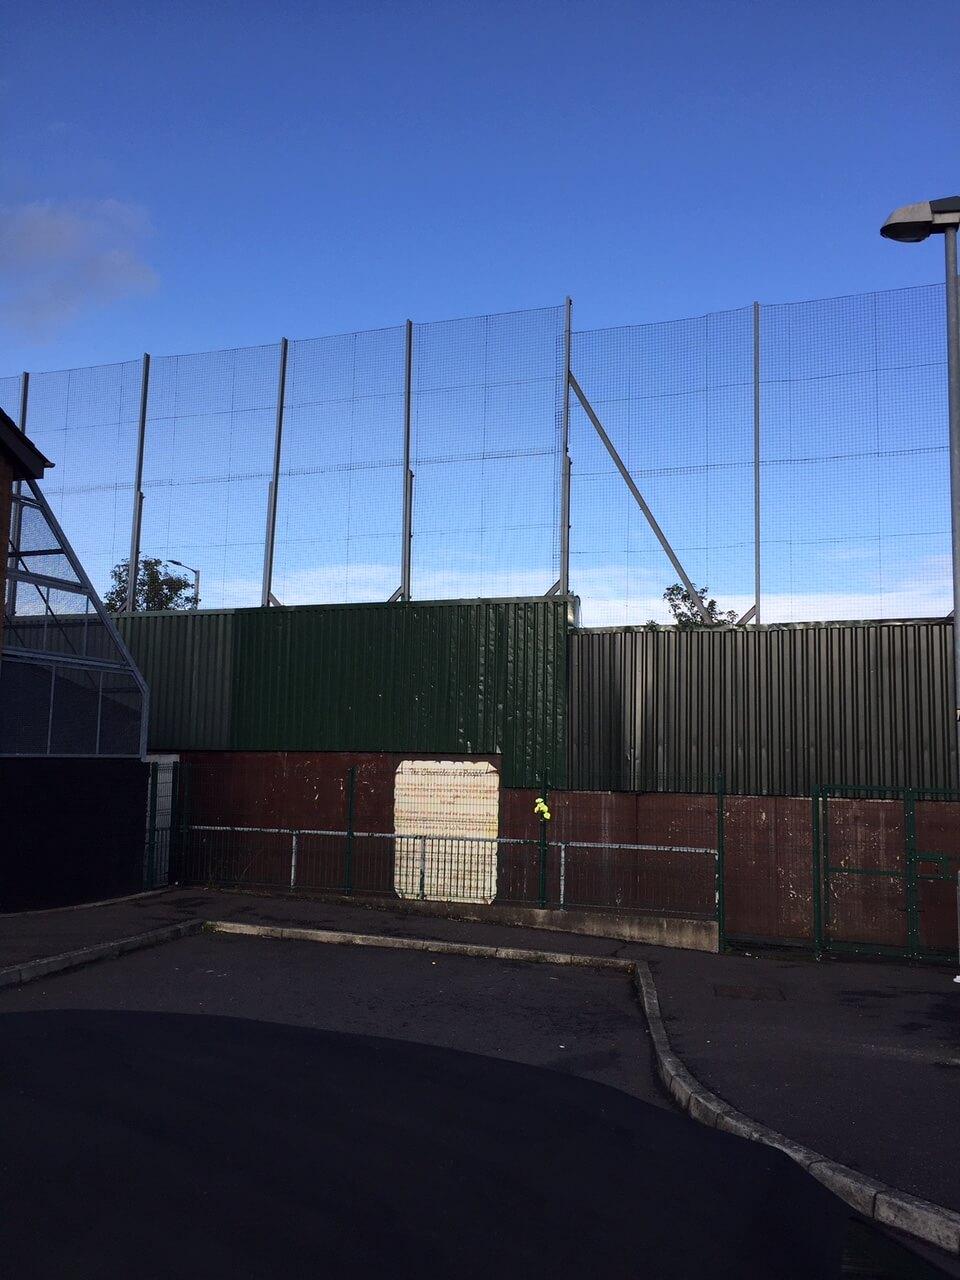 आयरलैंड: एक परेशान अभी तक मुग्ध भूमि